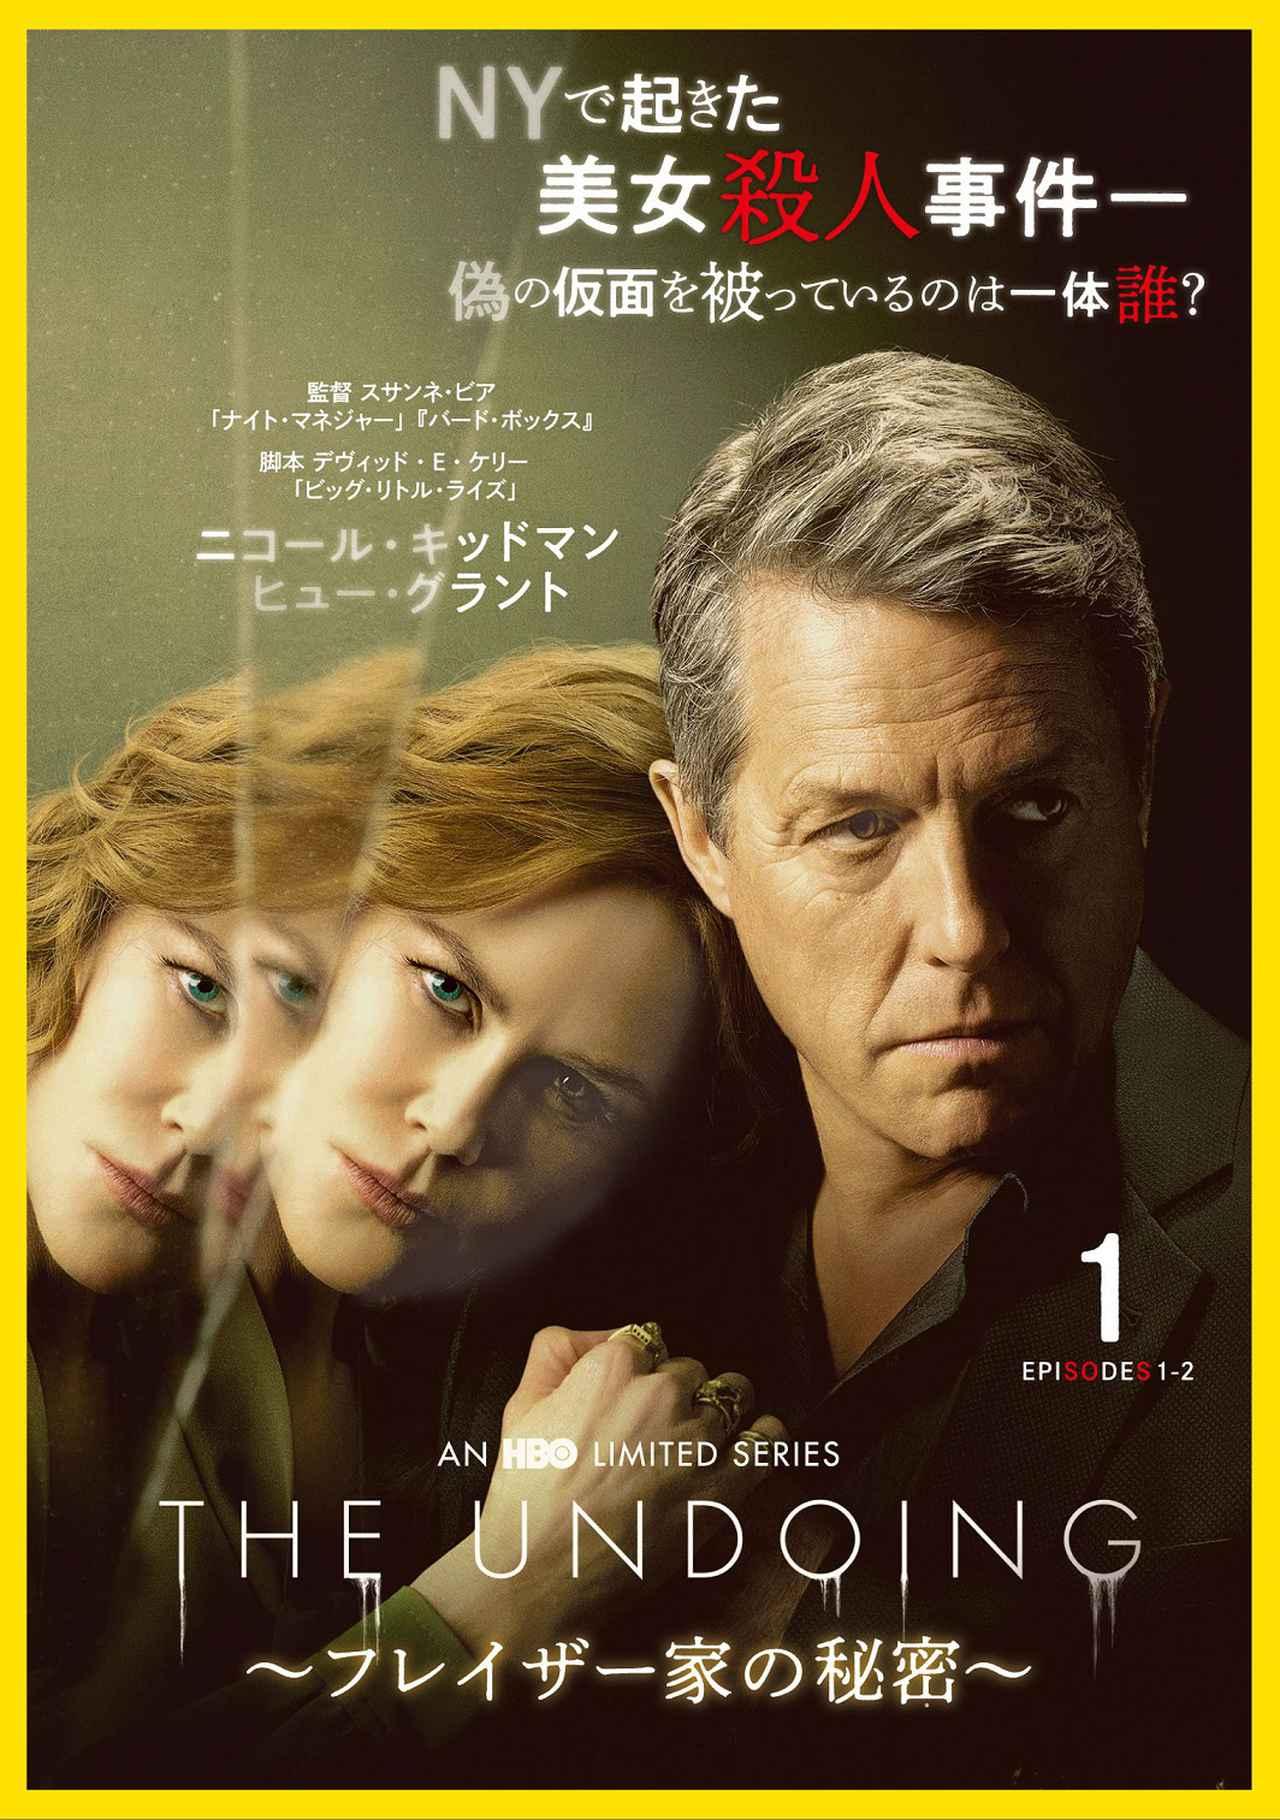 画像: 「THE UNDOING ~フレイザー家の秘密~」インタビュー映像&日本語吹替キャストのコメントが到着!